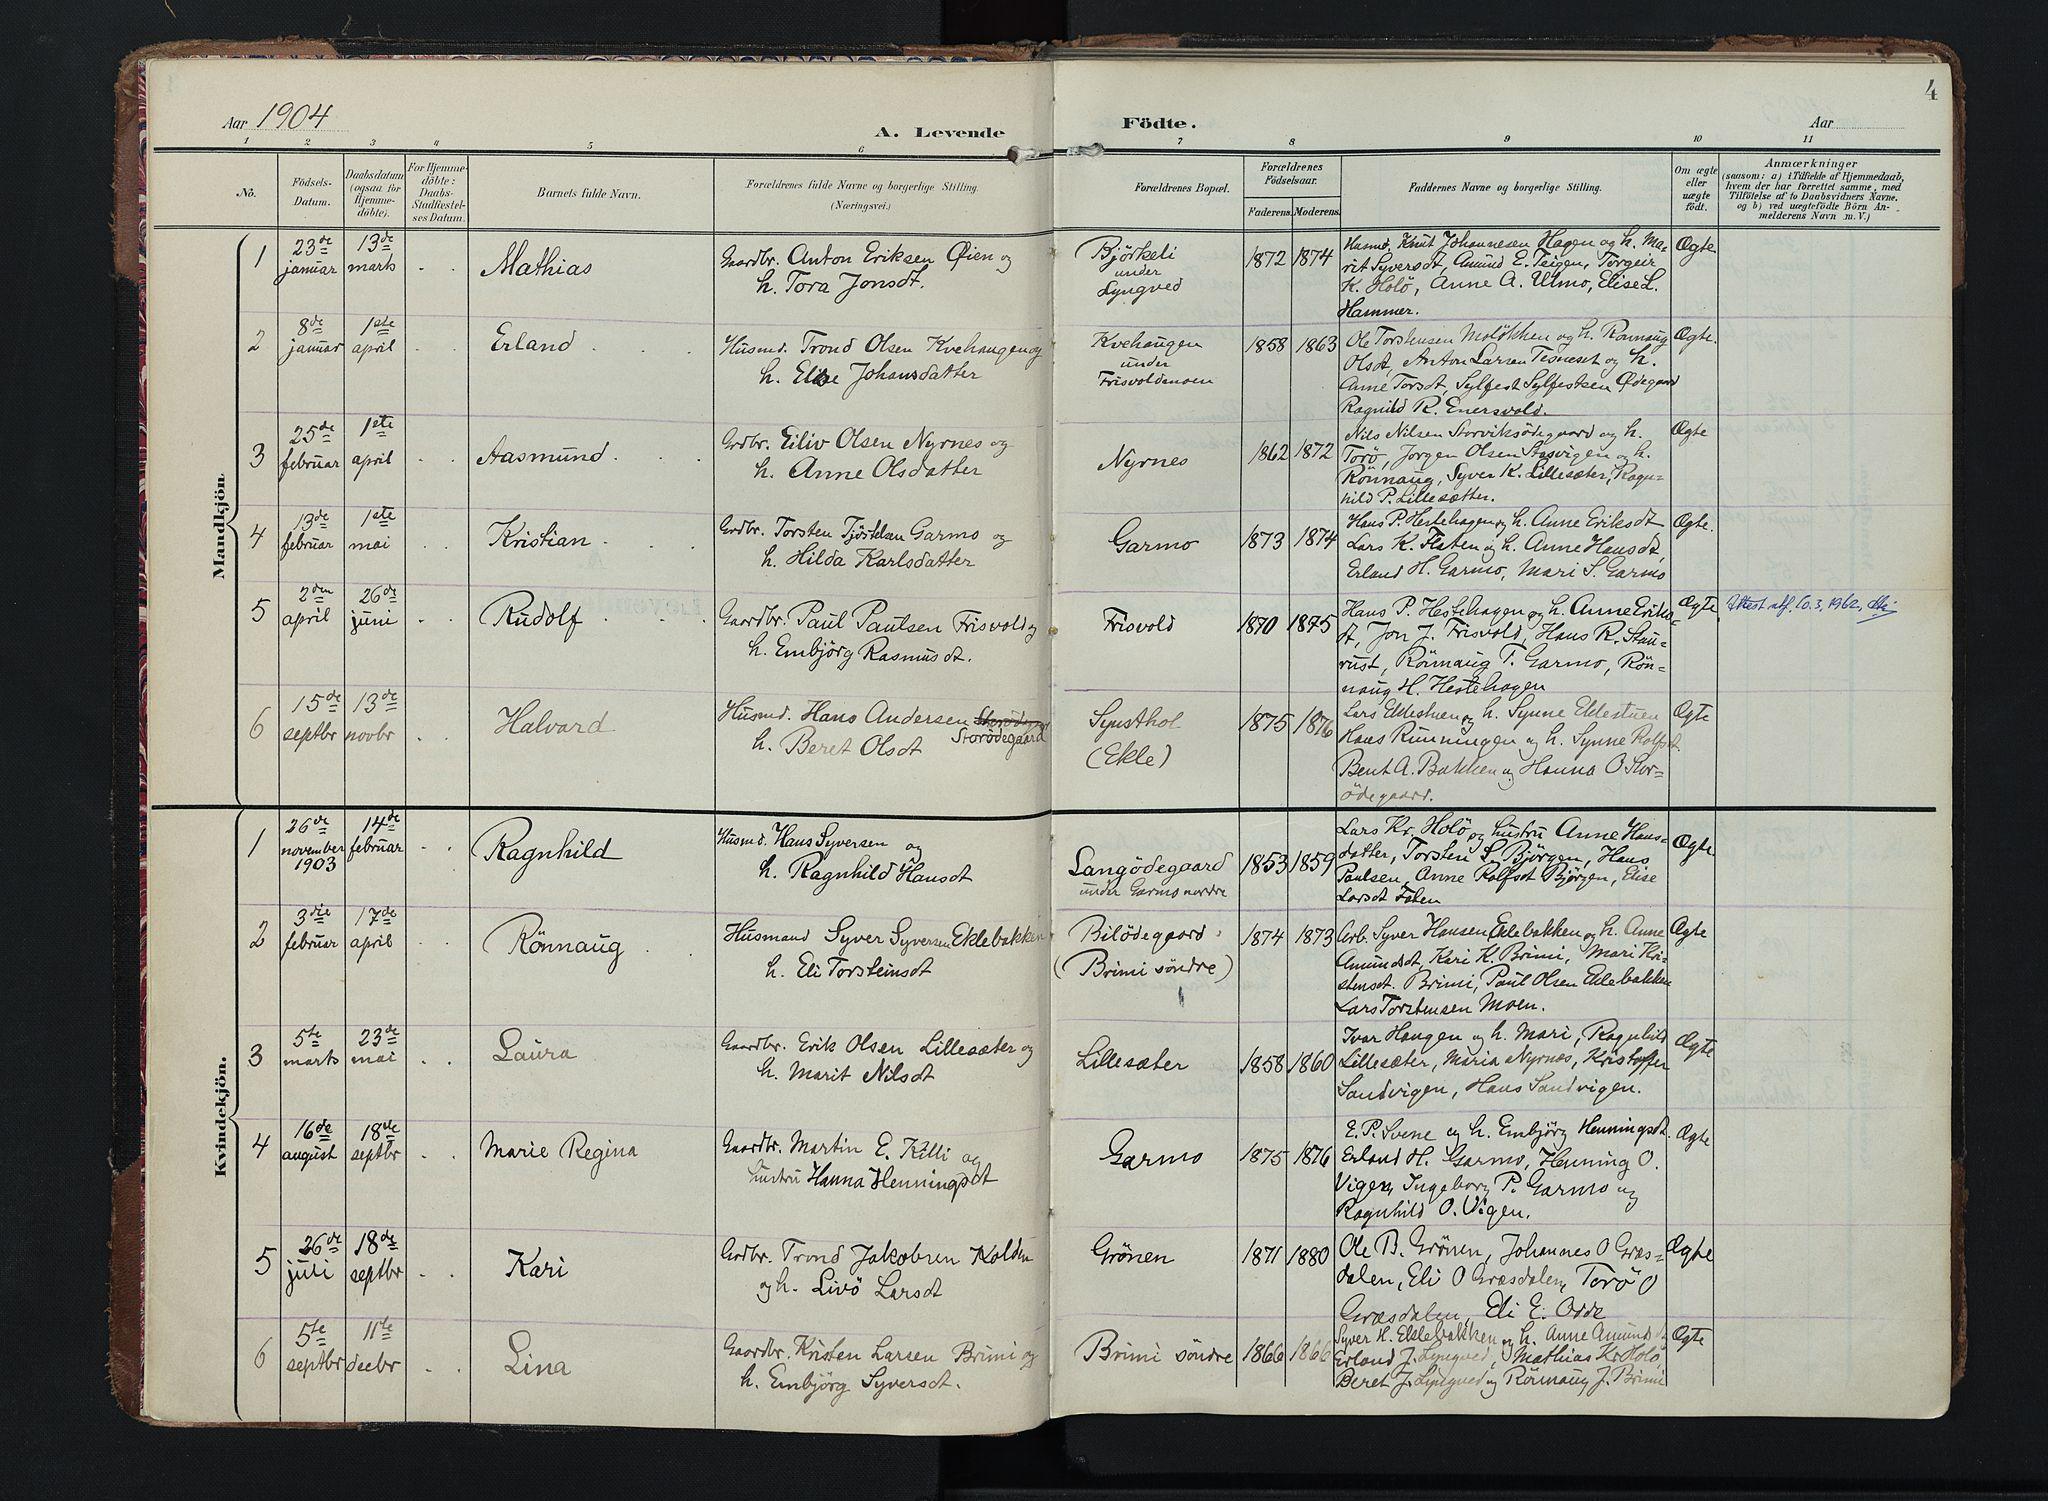 SAH, Lom prestekontor, K/L0011: Ministerialbok nr. 11, 1904-1928, s. 4